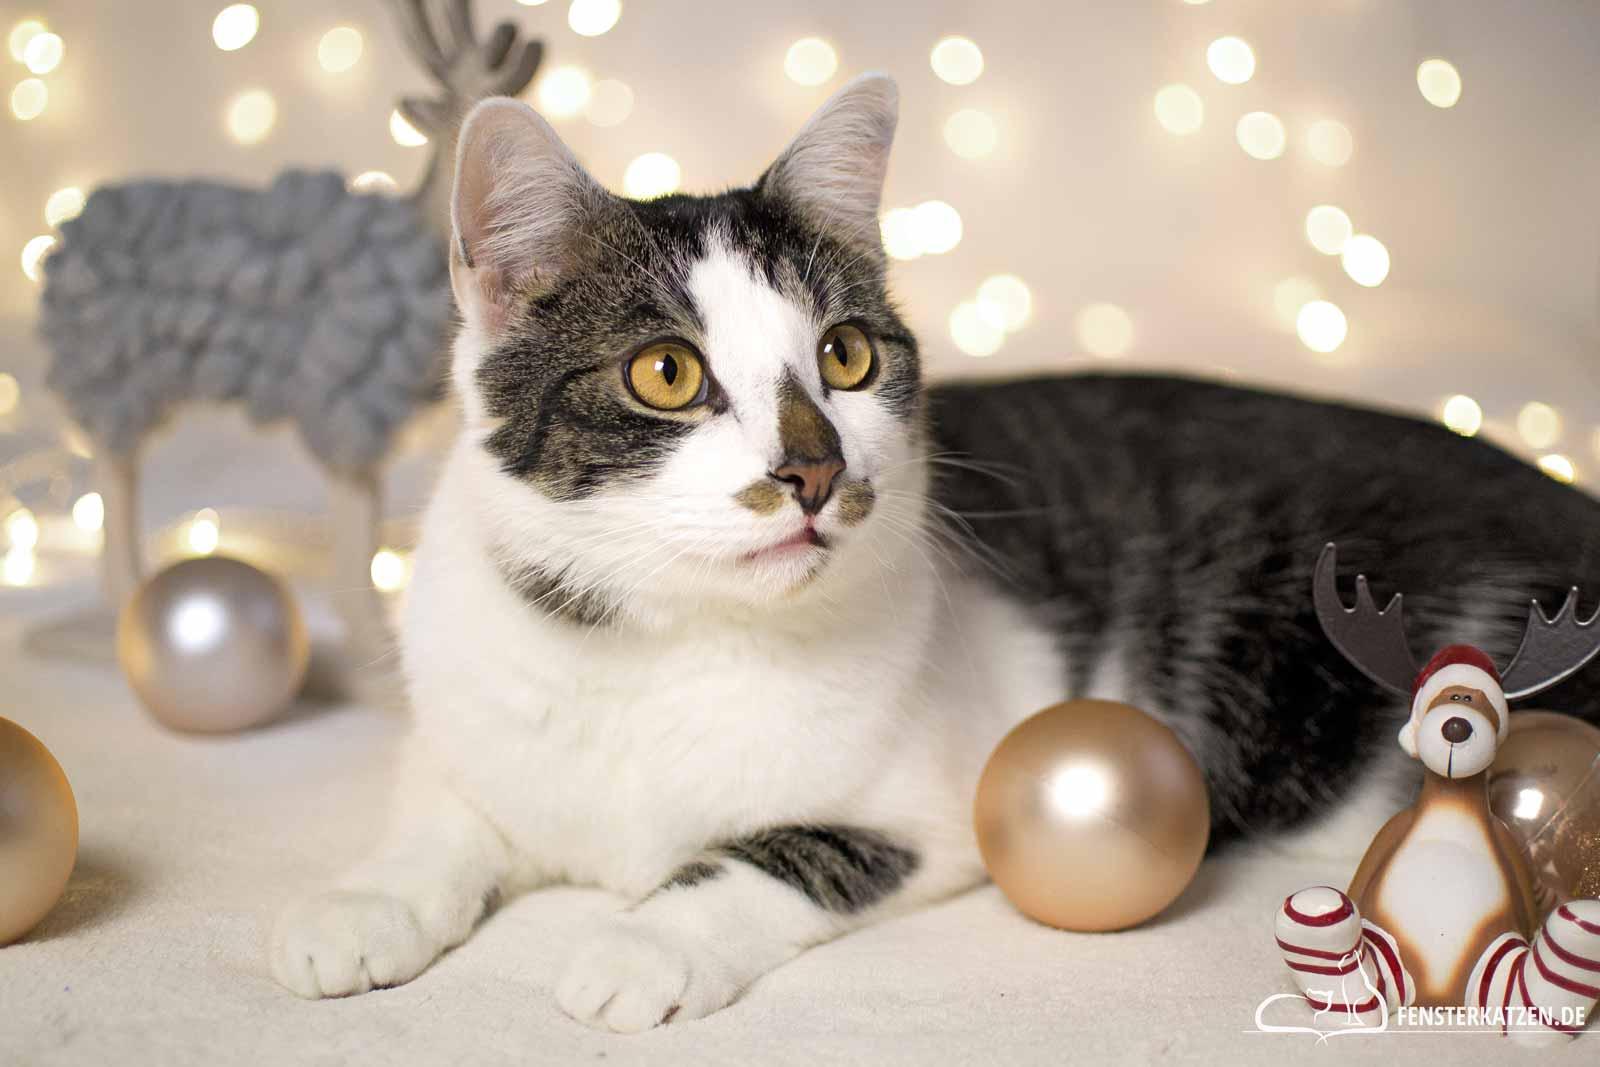 Fensterkatzen-Das-Erste-Mal-Weihnachten-mit-Katzen-Titelbild